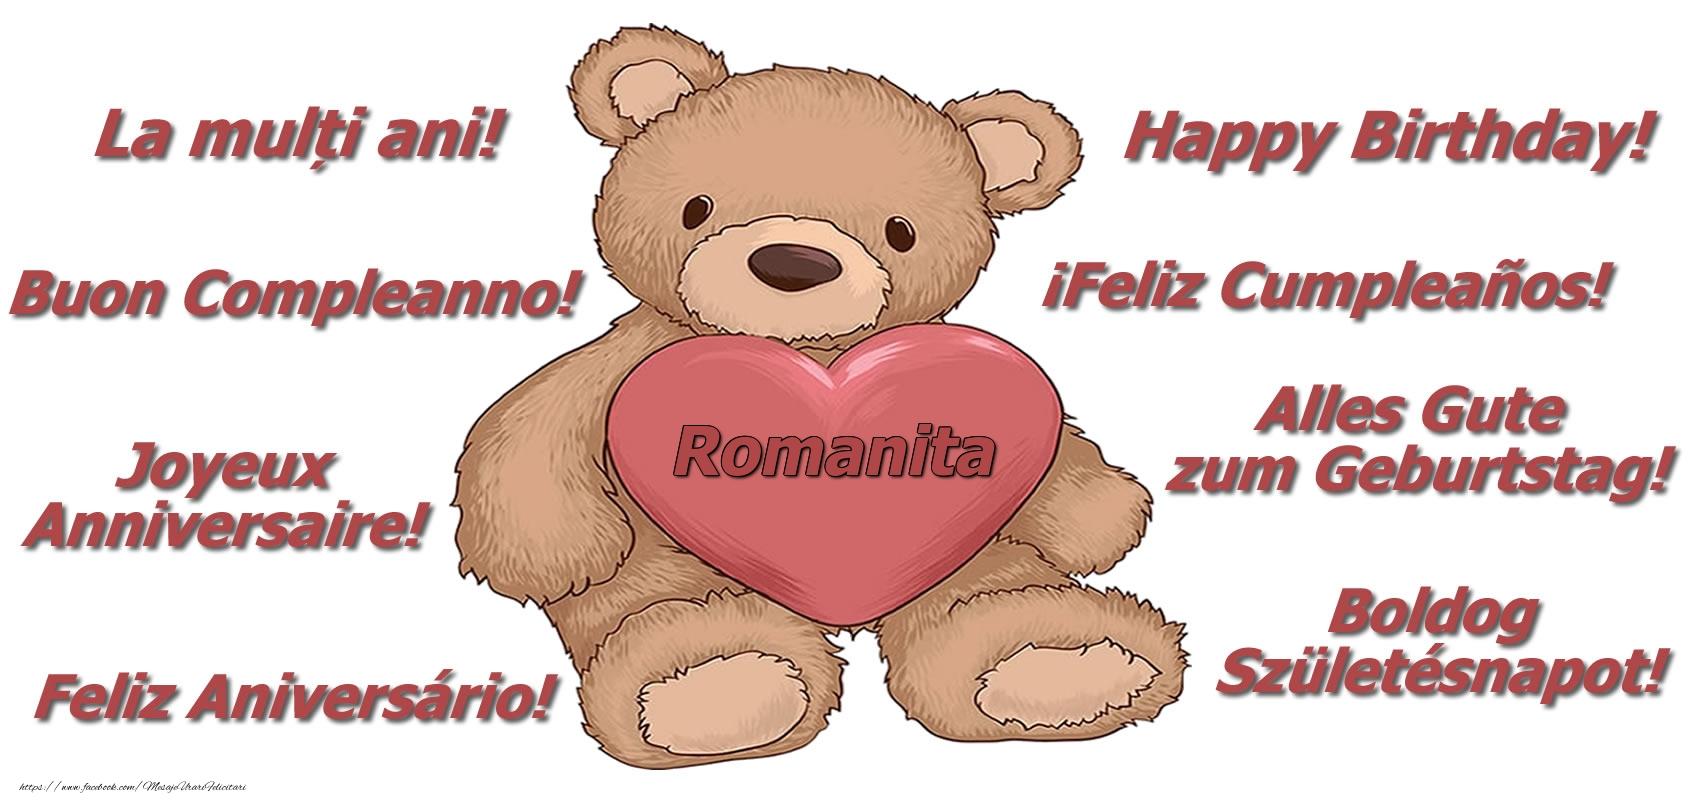 Felicitari de zi de nastere - La multi ani Romanita! - Ursulet